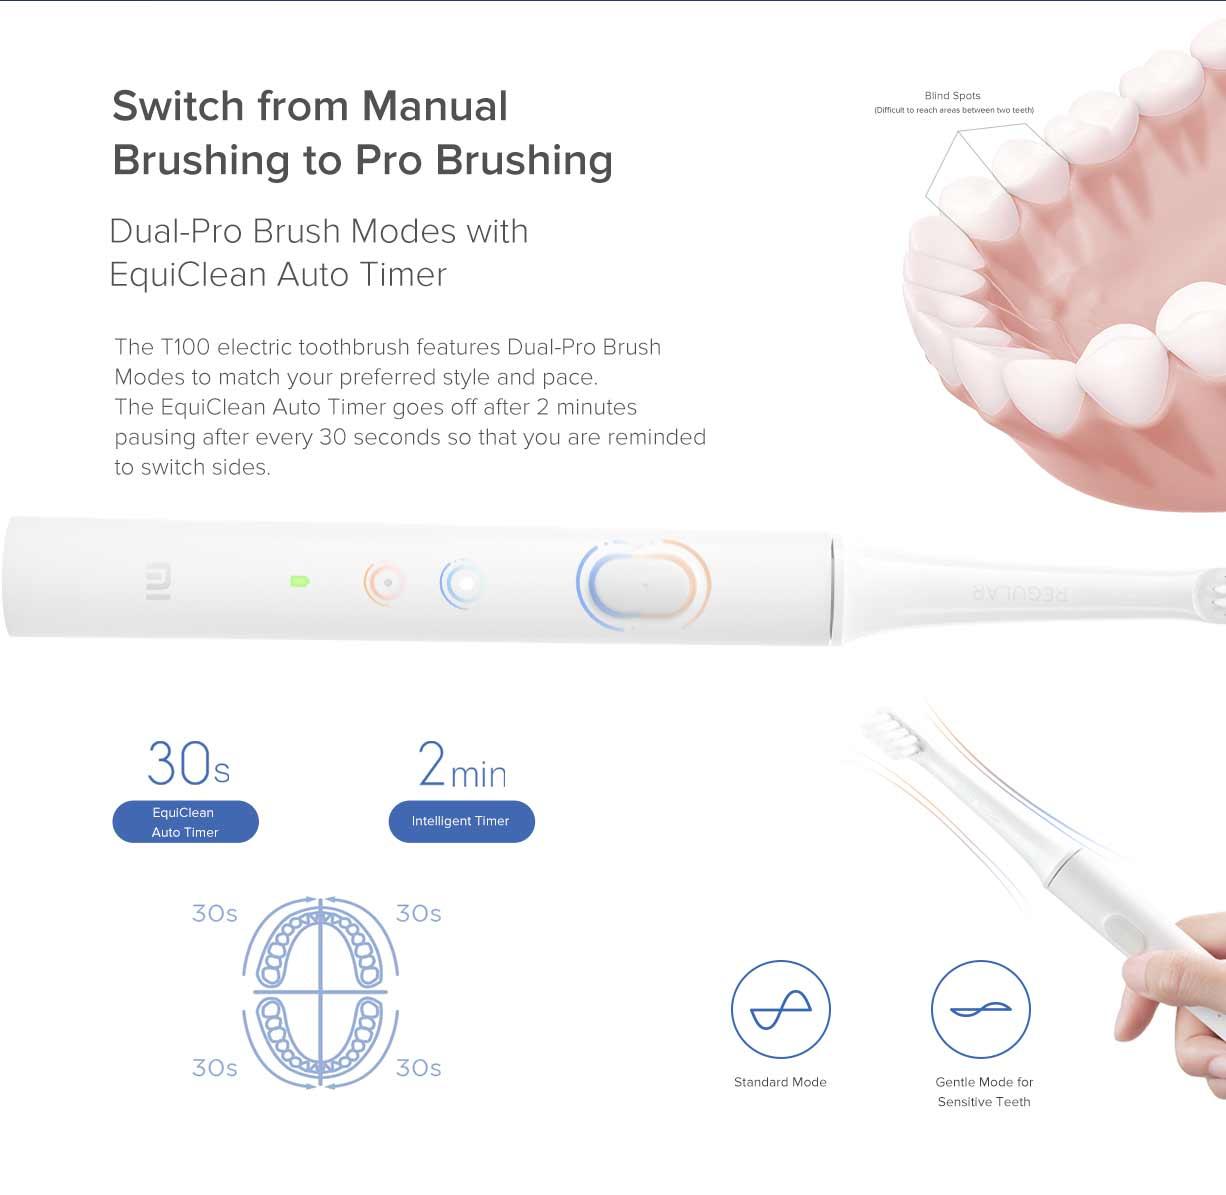 mi-electric-toothbrush-T100-manual-brushing-to-pro_brushing